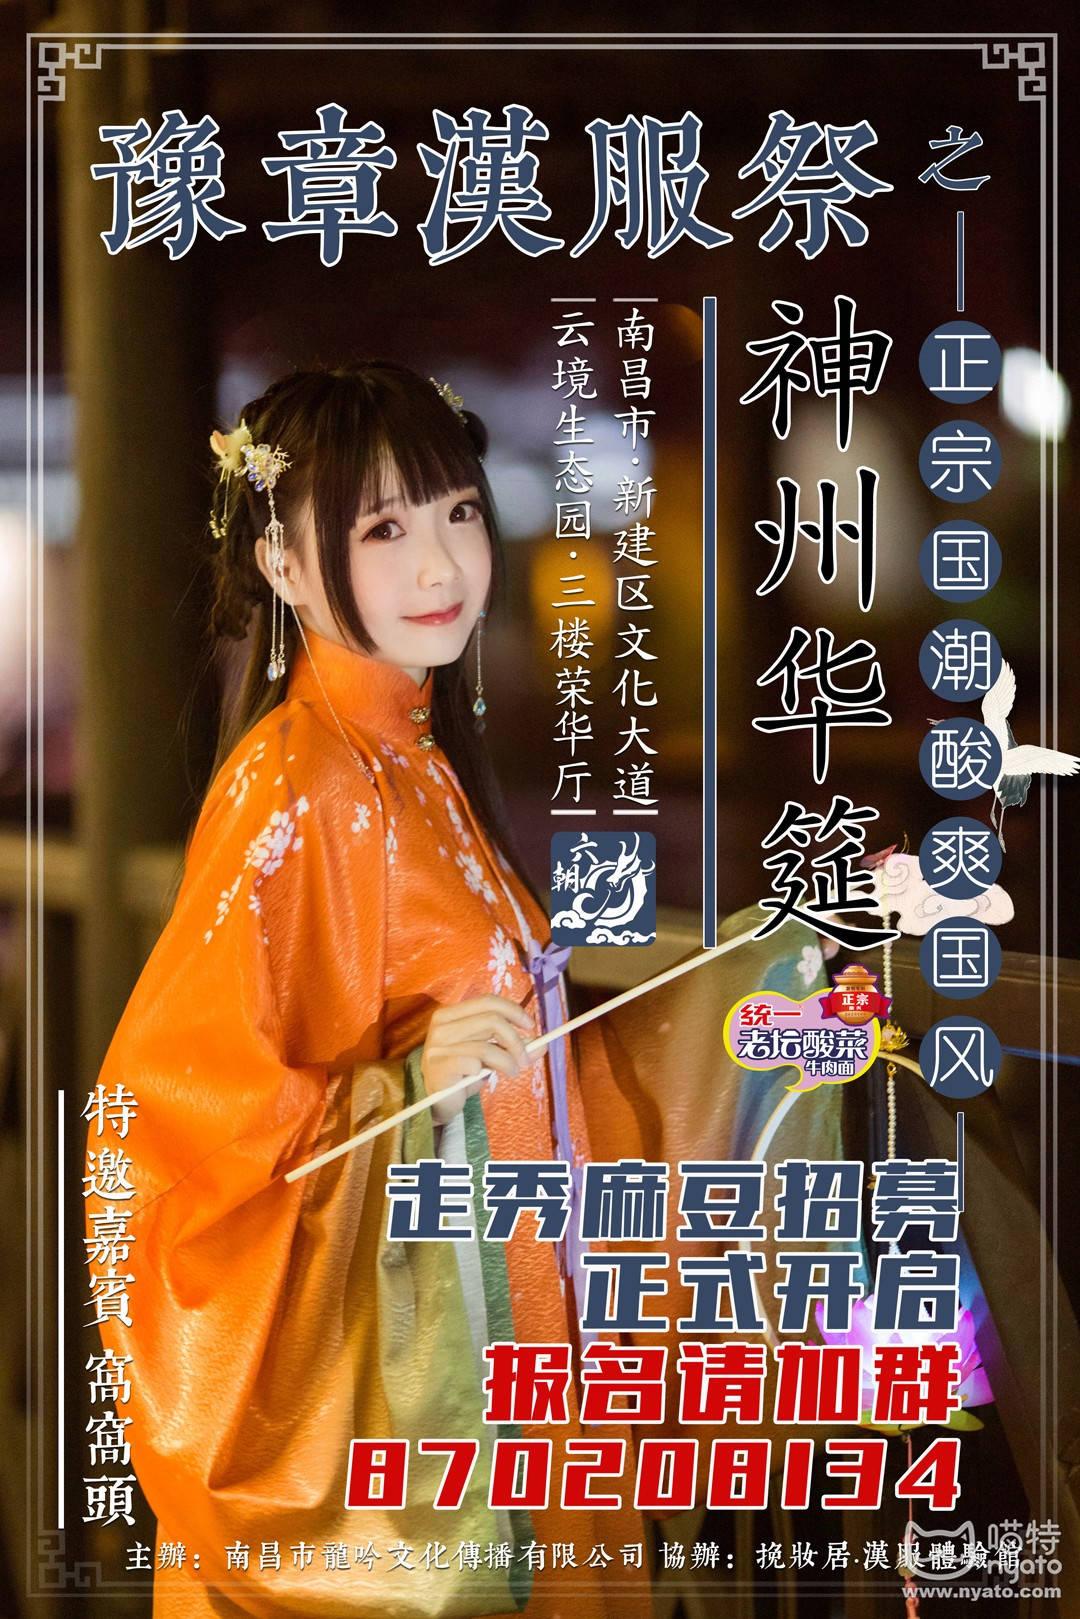 10窝窝头(走秀麻豆招募).jpg